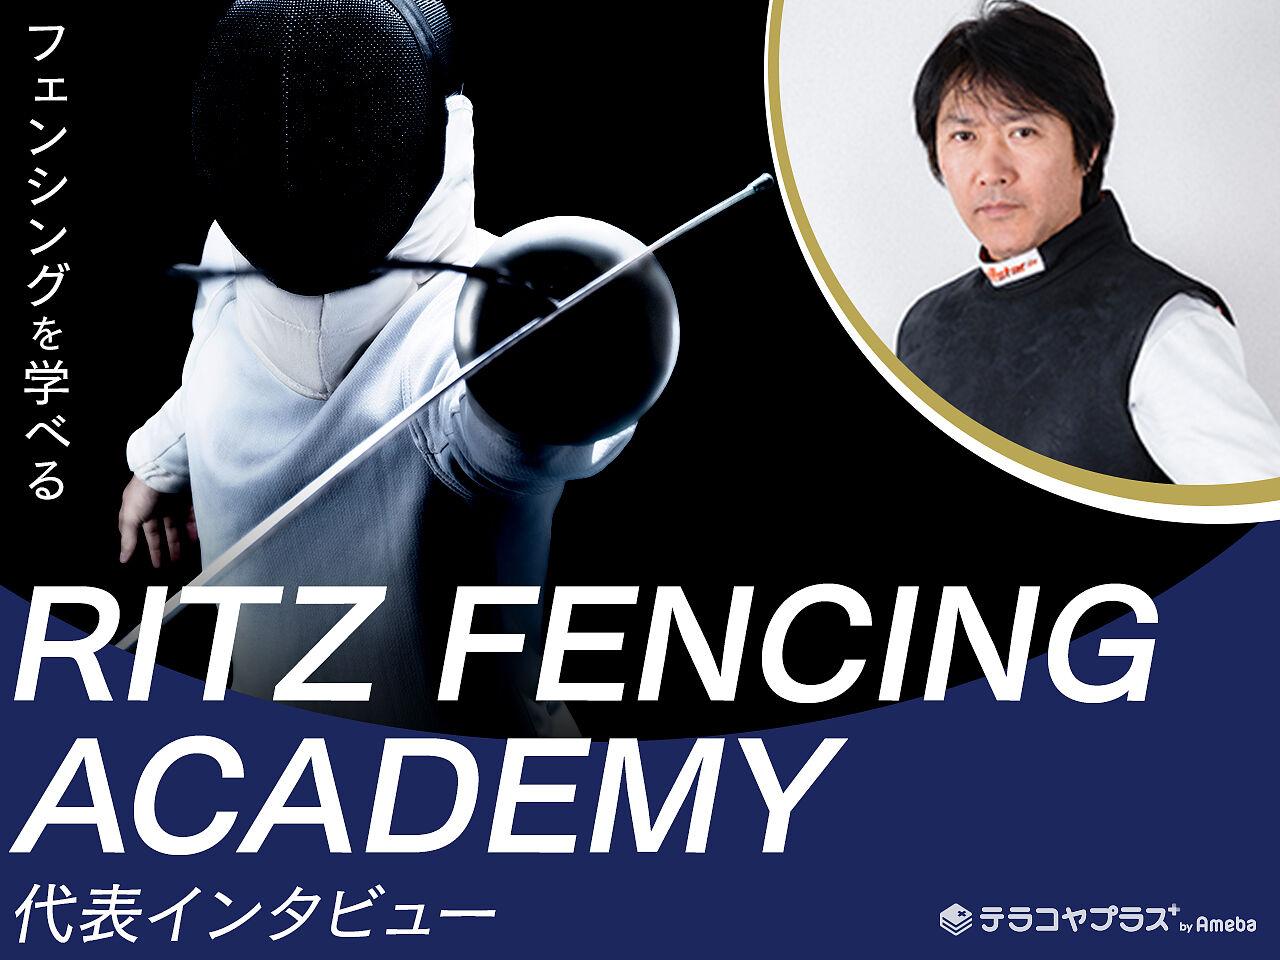 フェンシングを学べる「RITZ FENCING ACADEMY」を取材!初心者でも上達できるレッスンとはの画像